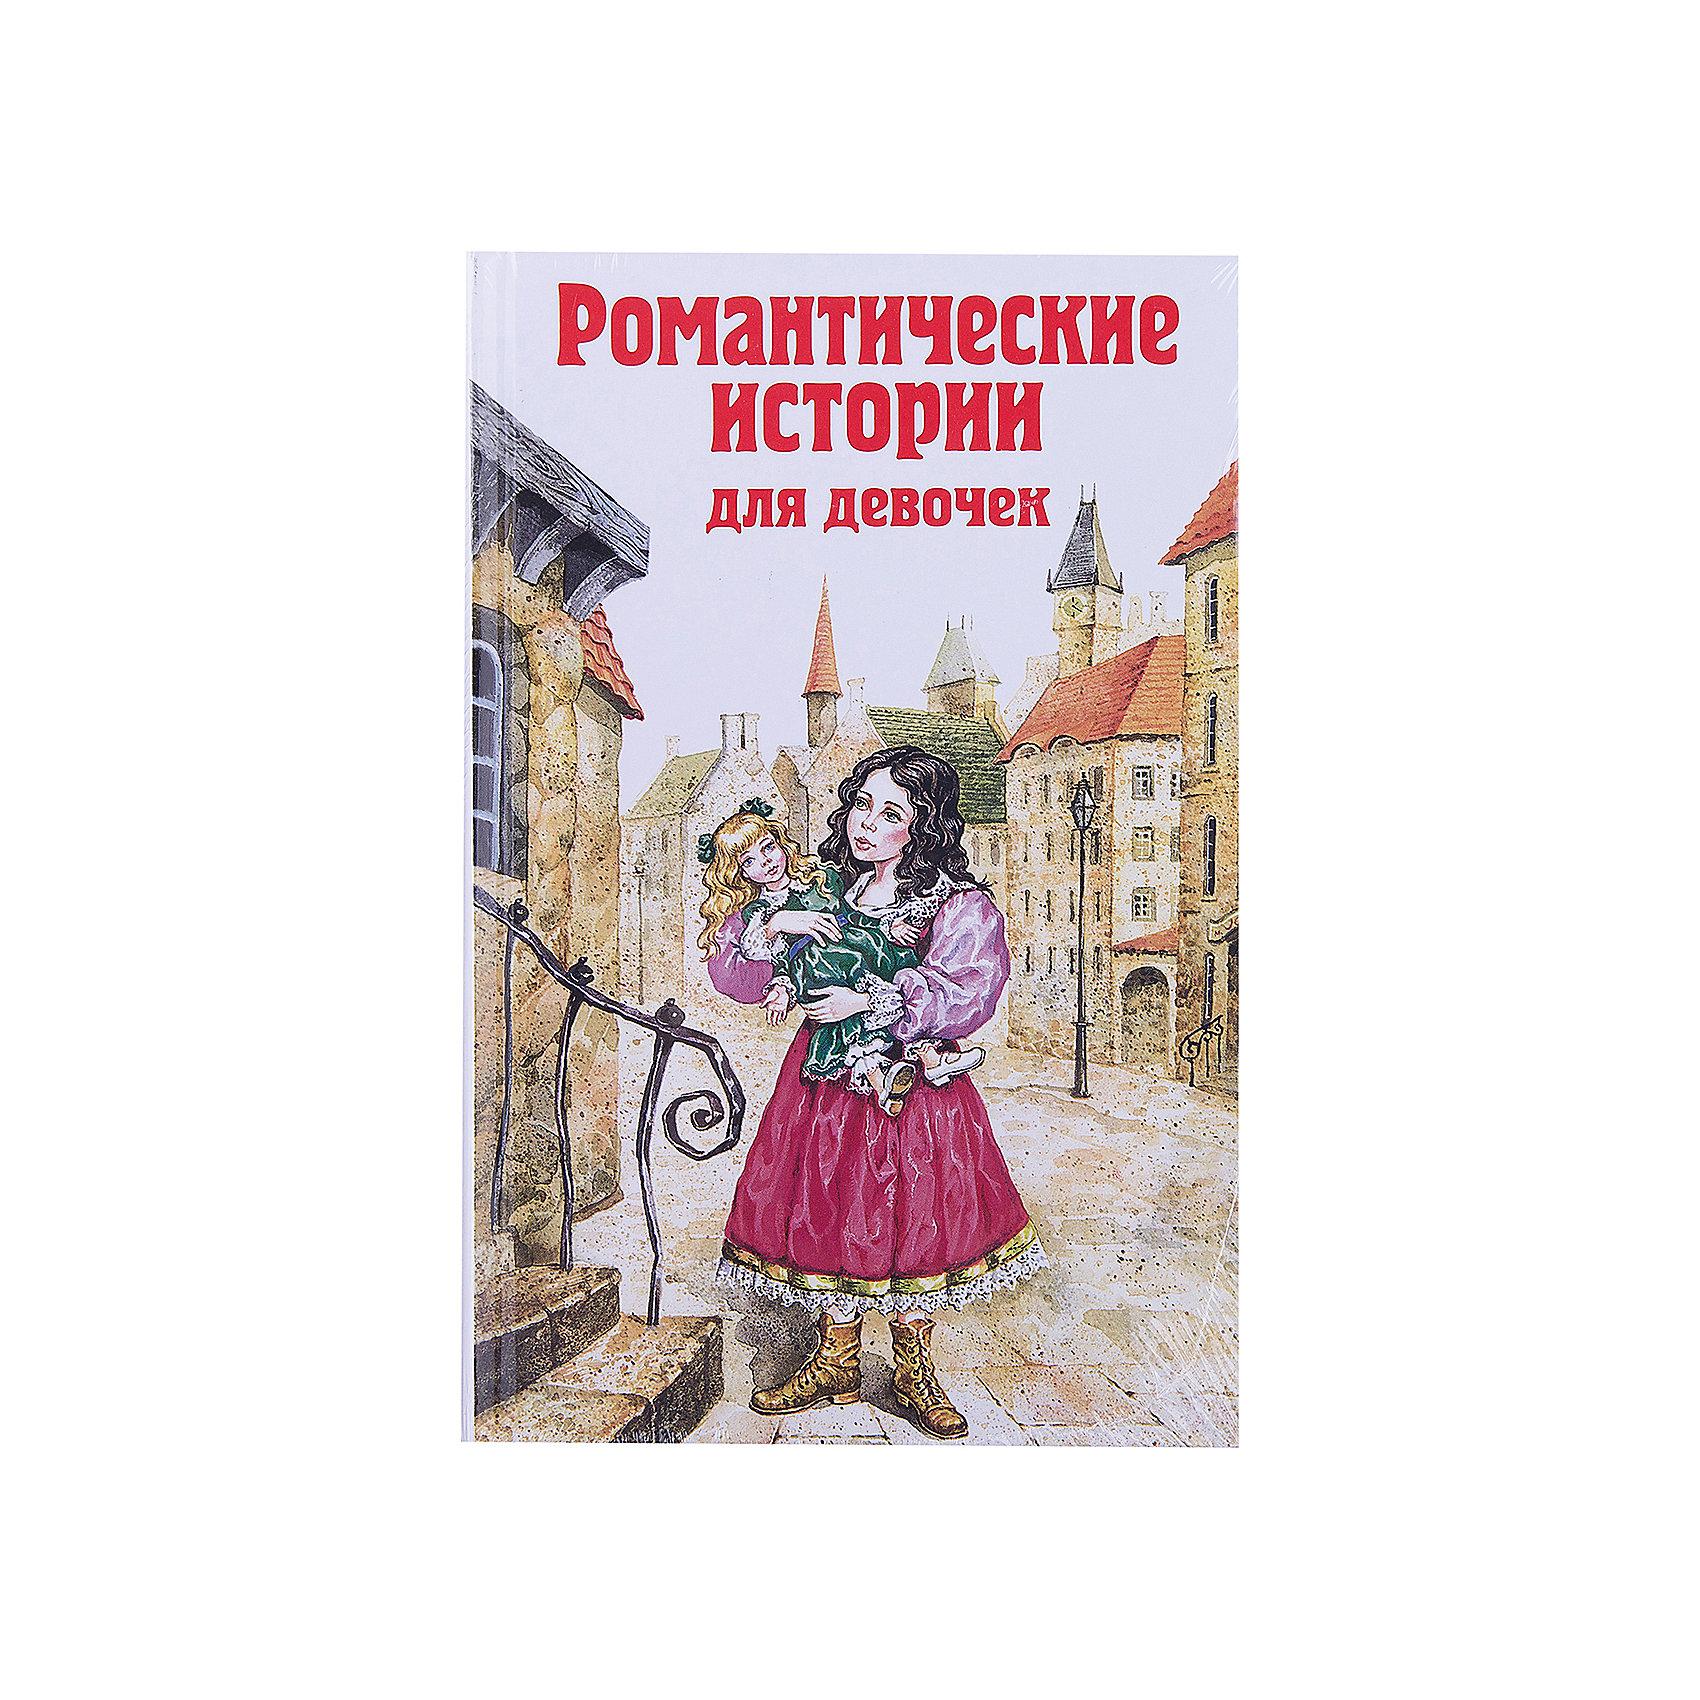 Романтические истории для девочекЭксмо<br>Одна из самых популярных российских книжных серий для детей и подростков. Белый фон, красные буквы, яркая иллюстрация как магнитом притягивает мальчишек и девчонок, а также их родителей - и не случайно. В серии собраны лучшие произведения отечественных и зарубежных авторов, когда-либо писавших для 6-13-летних граждан. Наряду с известными произведениями, давно ставшими классикой, в серии представлены новинки детской зарубежной литературы. Покупатели доверяют выбору наших редакторов - едва появившись на прилавке, эти книги становятся бестселлерами.<br><br>Дополнительная информация:<br><br>- год выпуска: 2016<br>- количество страниц:512<br>- формат: 20*13* 2 см.<br>- переплет: твердый переплет<br>- вес: 432 гр.<br>- возраст: от  6 до 13  лет<br><br>Романтические истории для девочек можно купить в нашем интернет - магазине.<br><br>Ширина мм: 200<br>Глубина мм: 125<br>Высота мм: 29<br>Вес г: 468<br>Возраст от месяцев: 72<br>Возраст до месяцев: 144<br>Пол: Унисекс<br>Возраст: Детский<br>SKU: 4753520